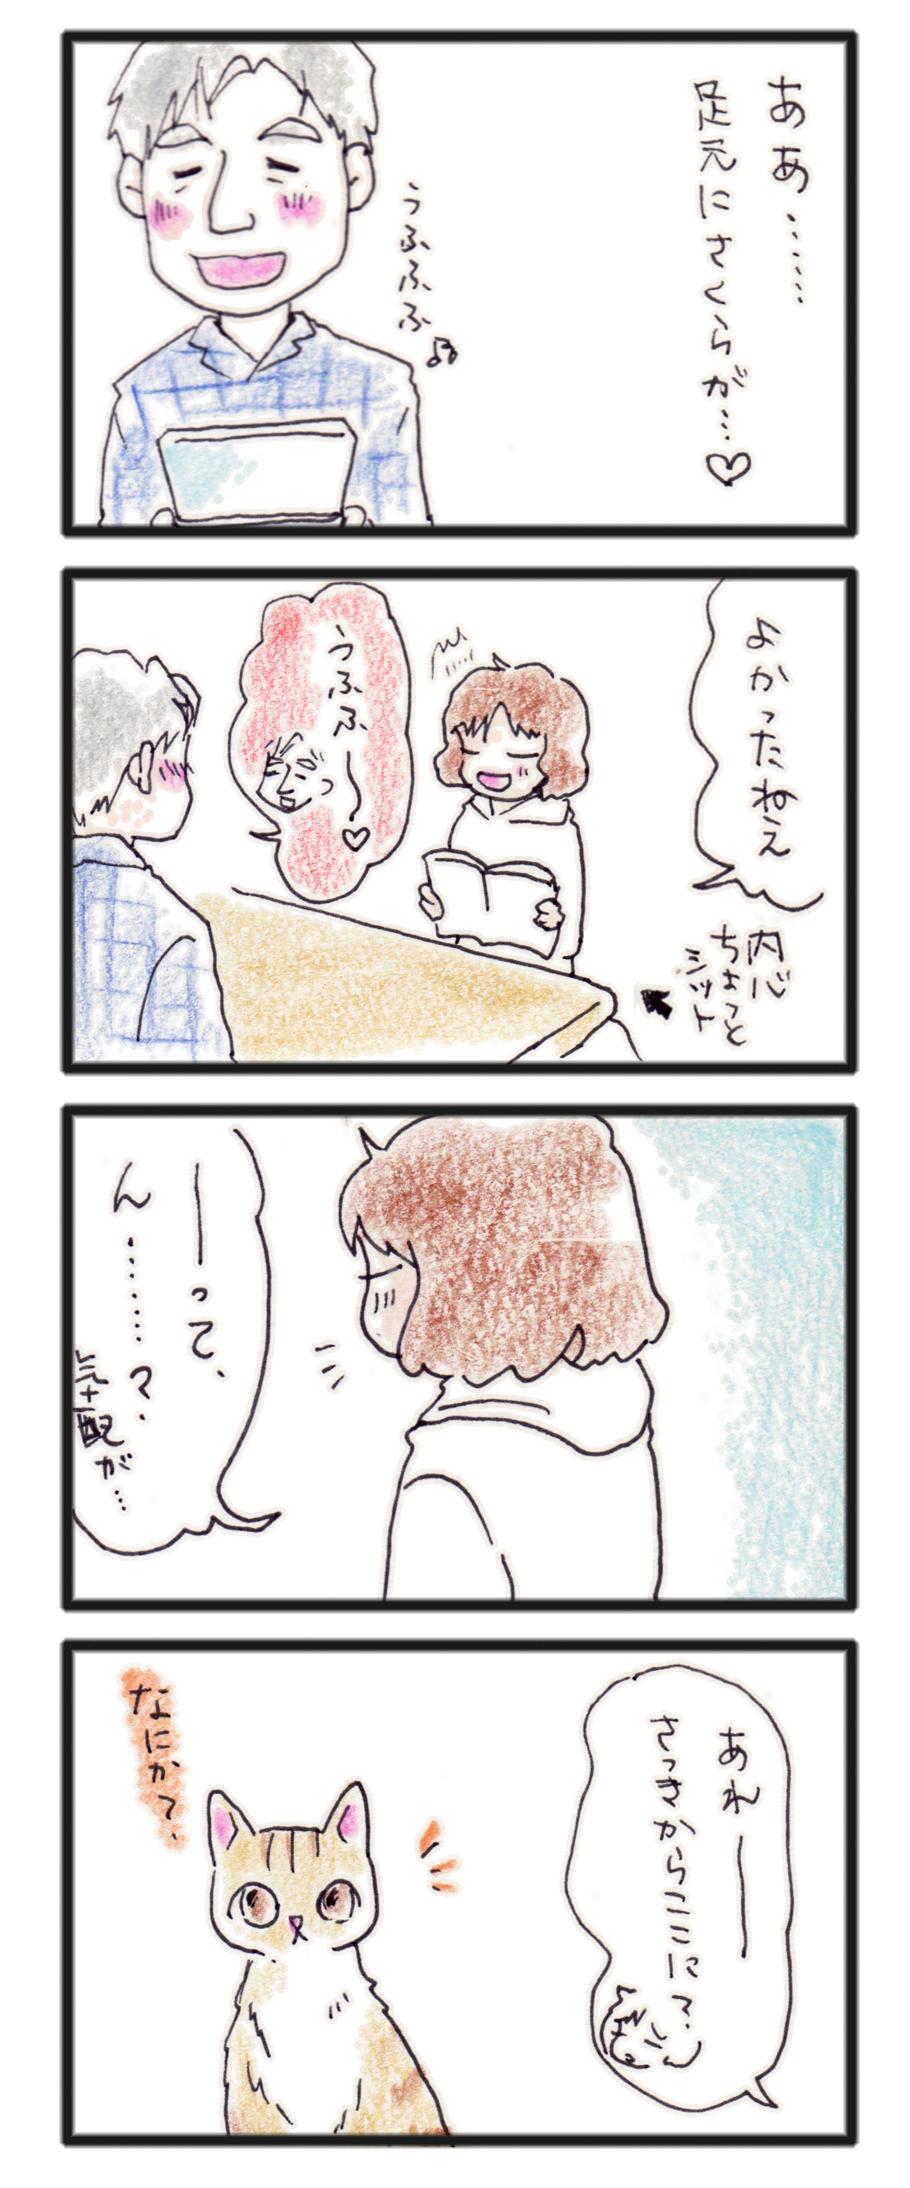 変わり身の術01